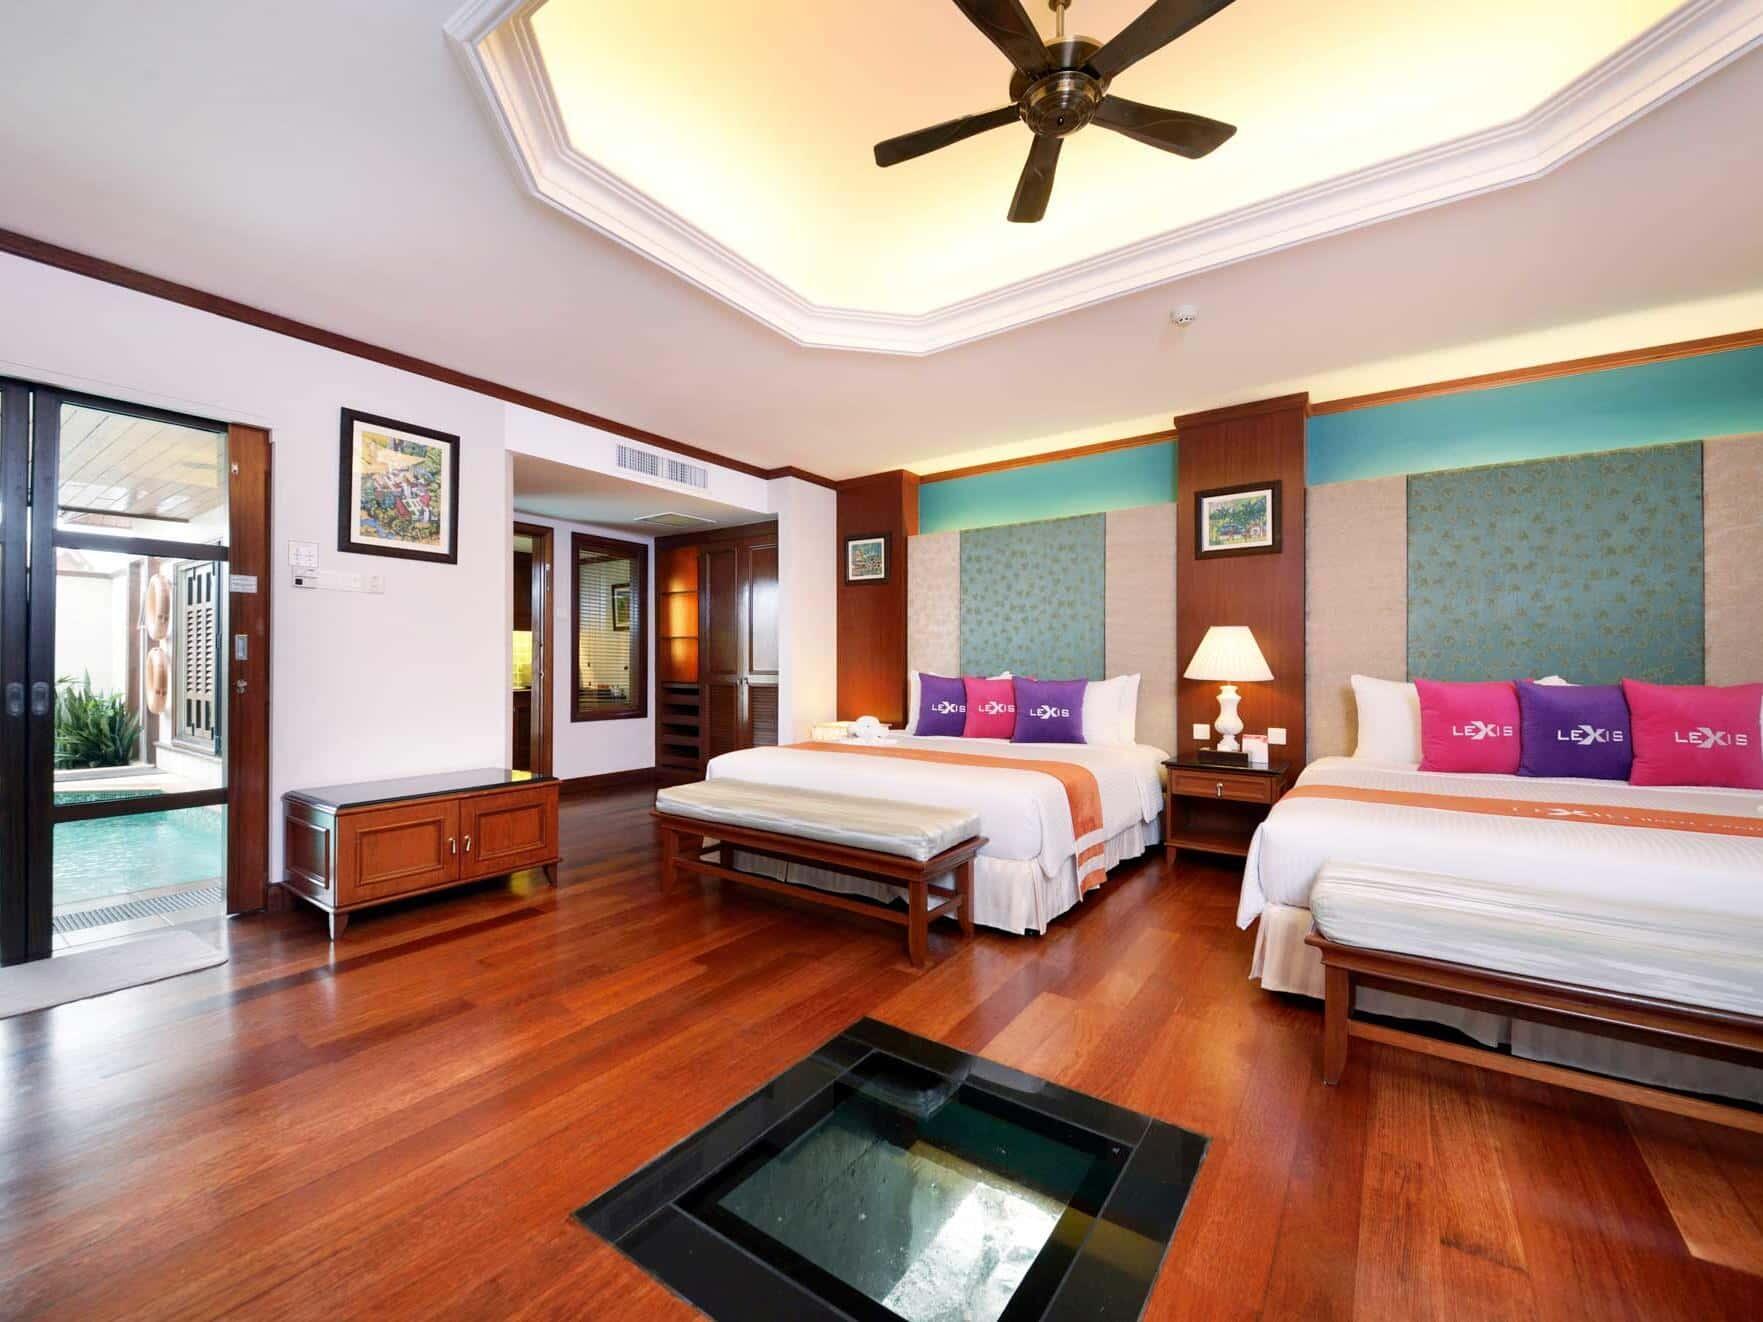 Premium Pool Villa at Grand Lexis Port Dickson